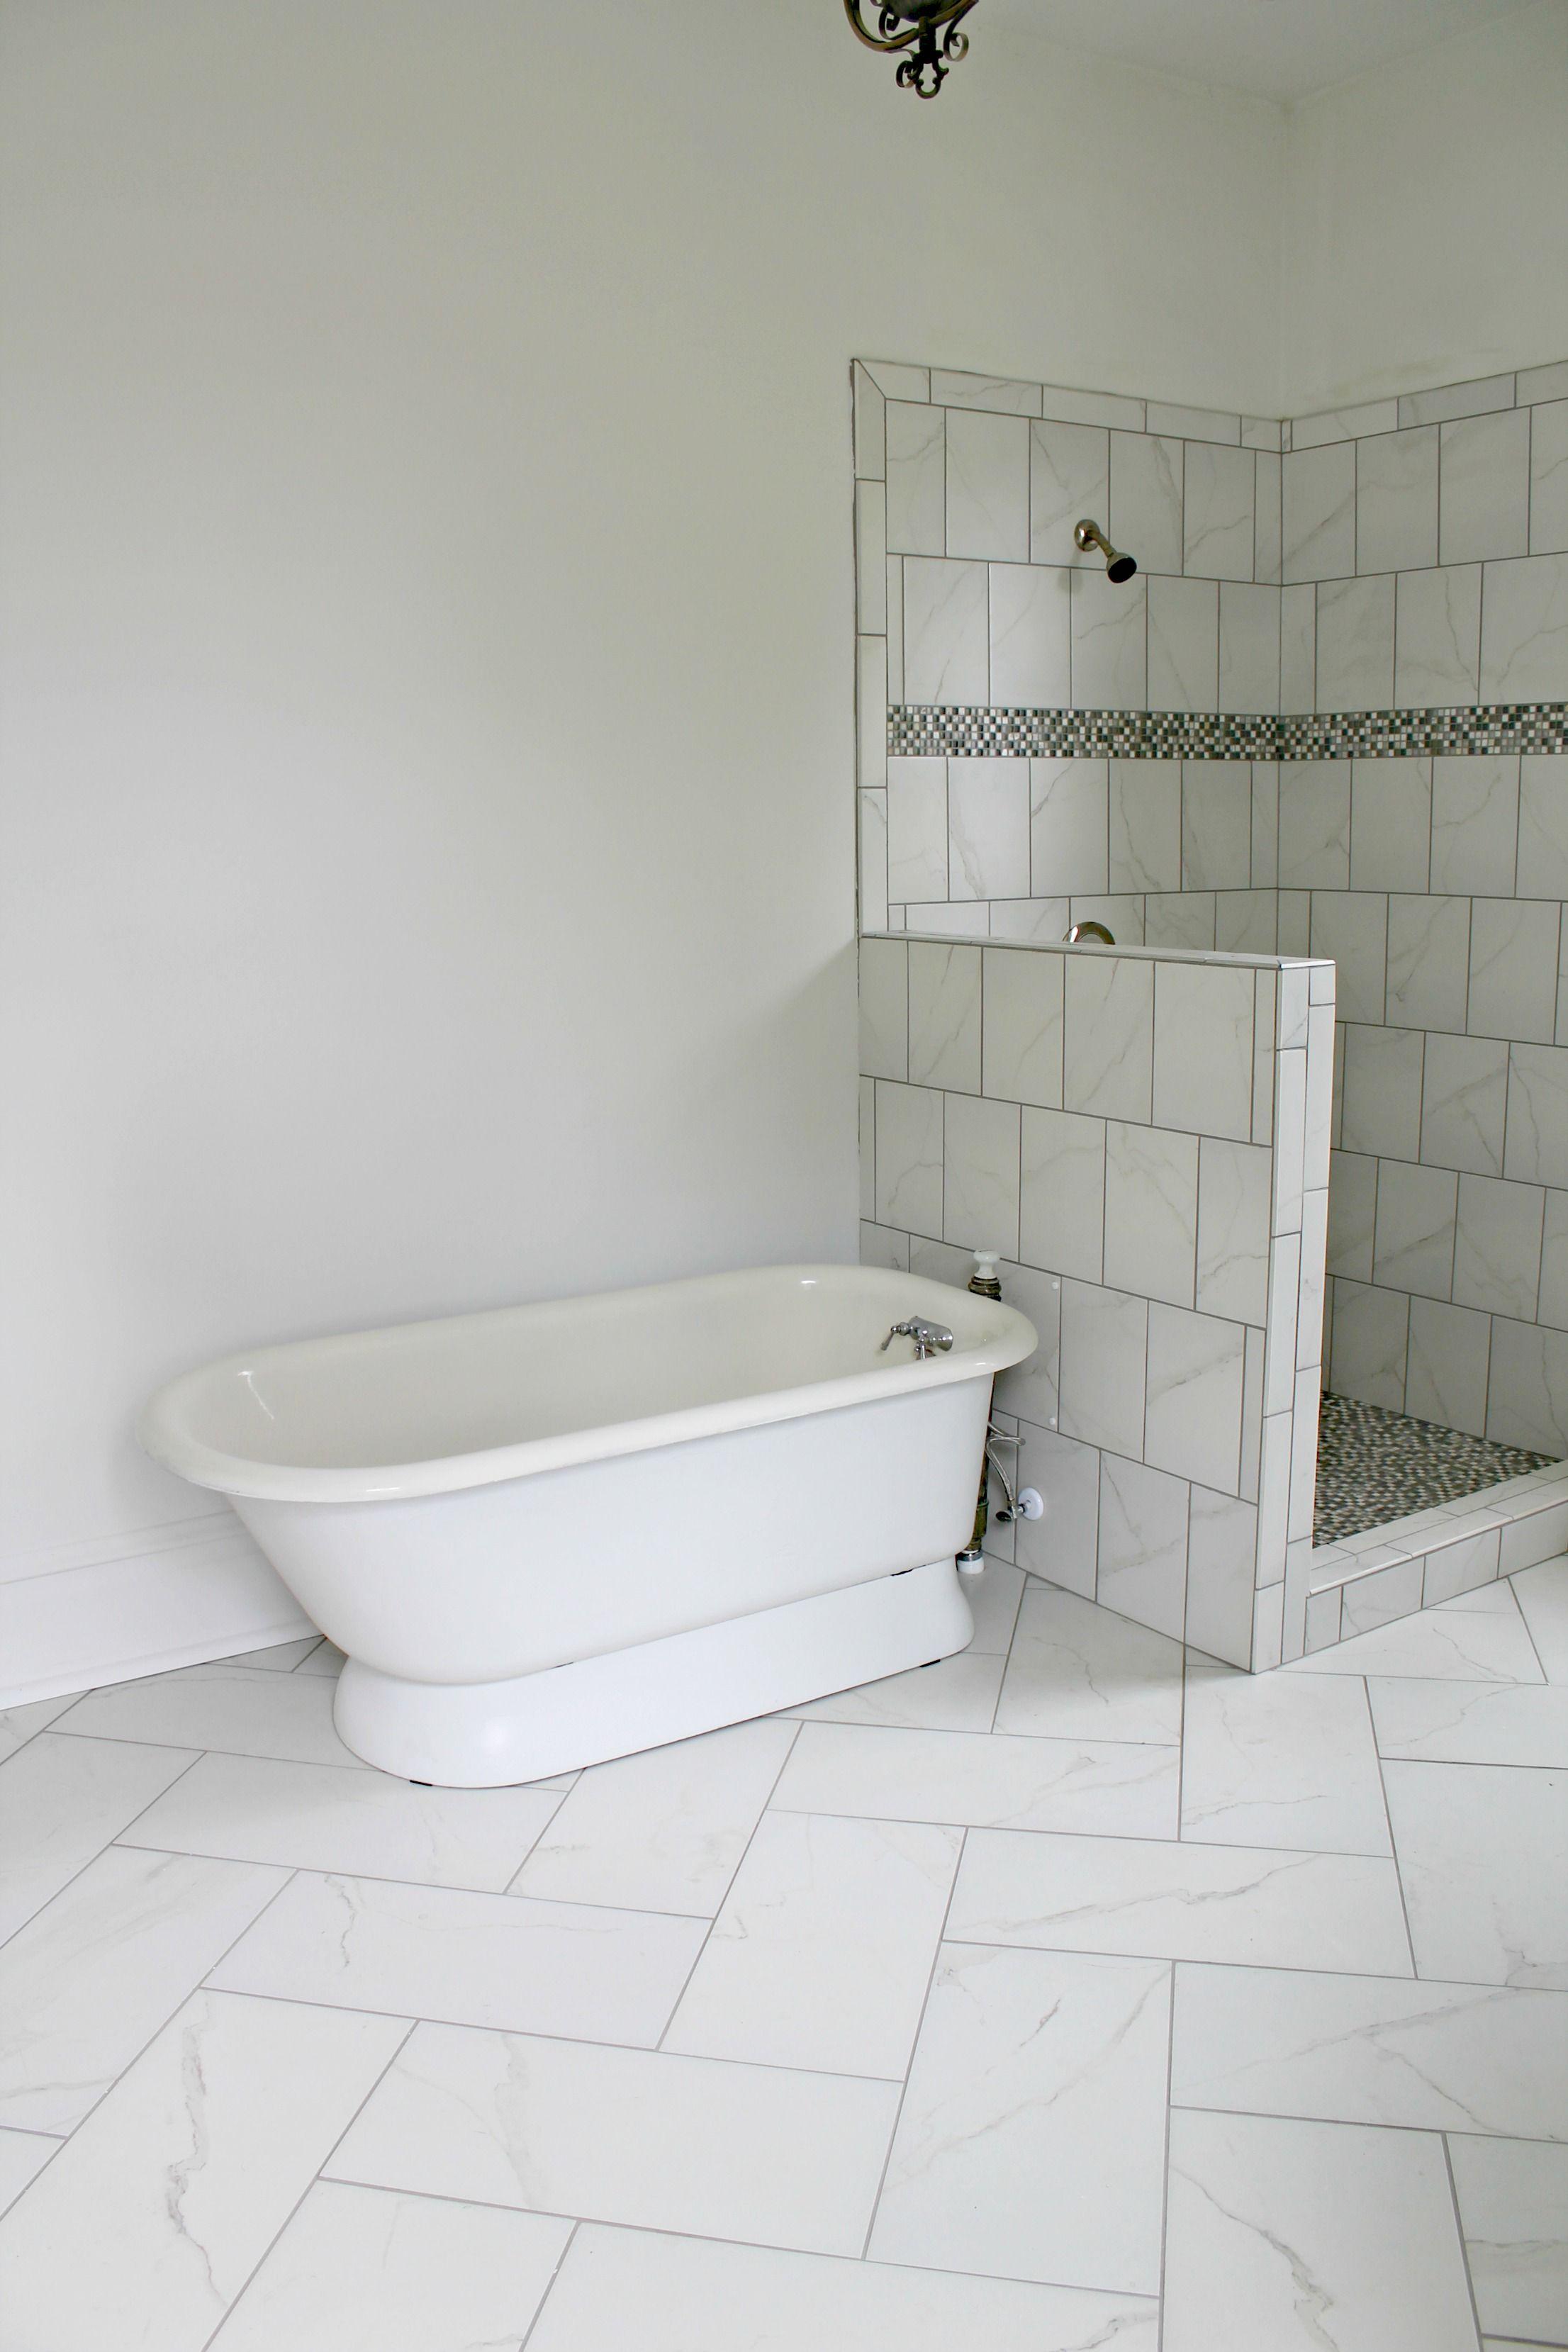 Accessories & Furniture,Picturesque Rain Shower Head Installation ...